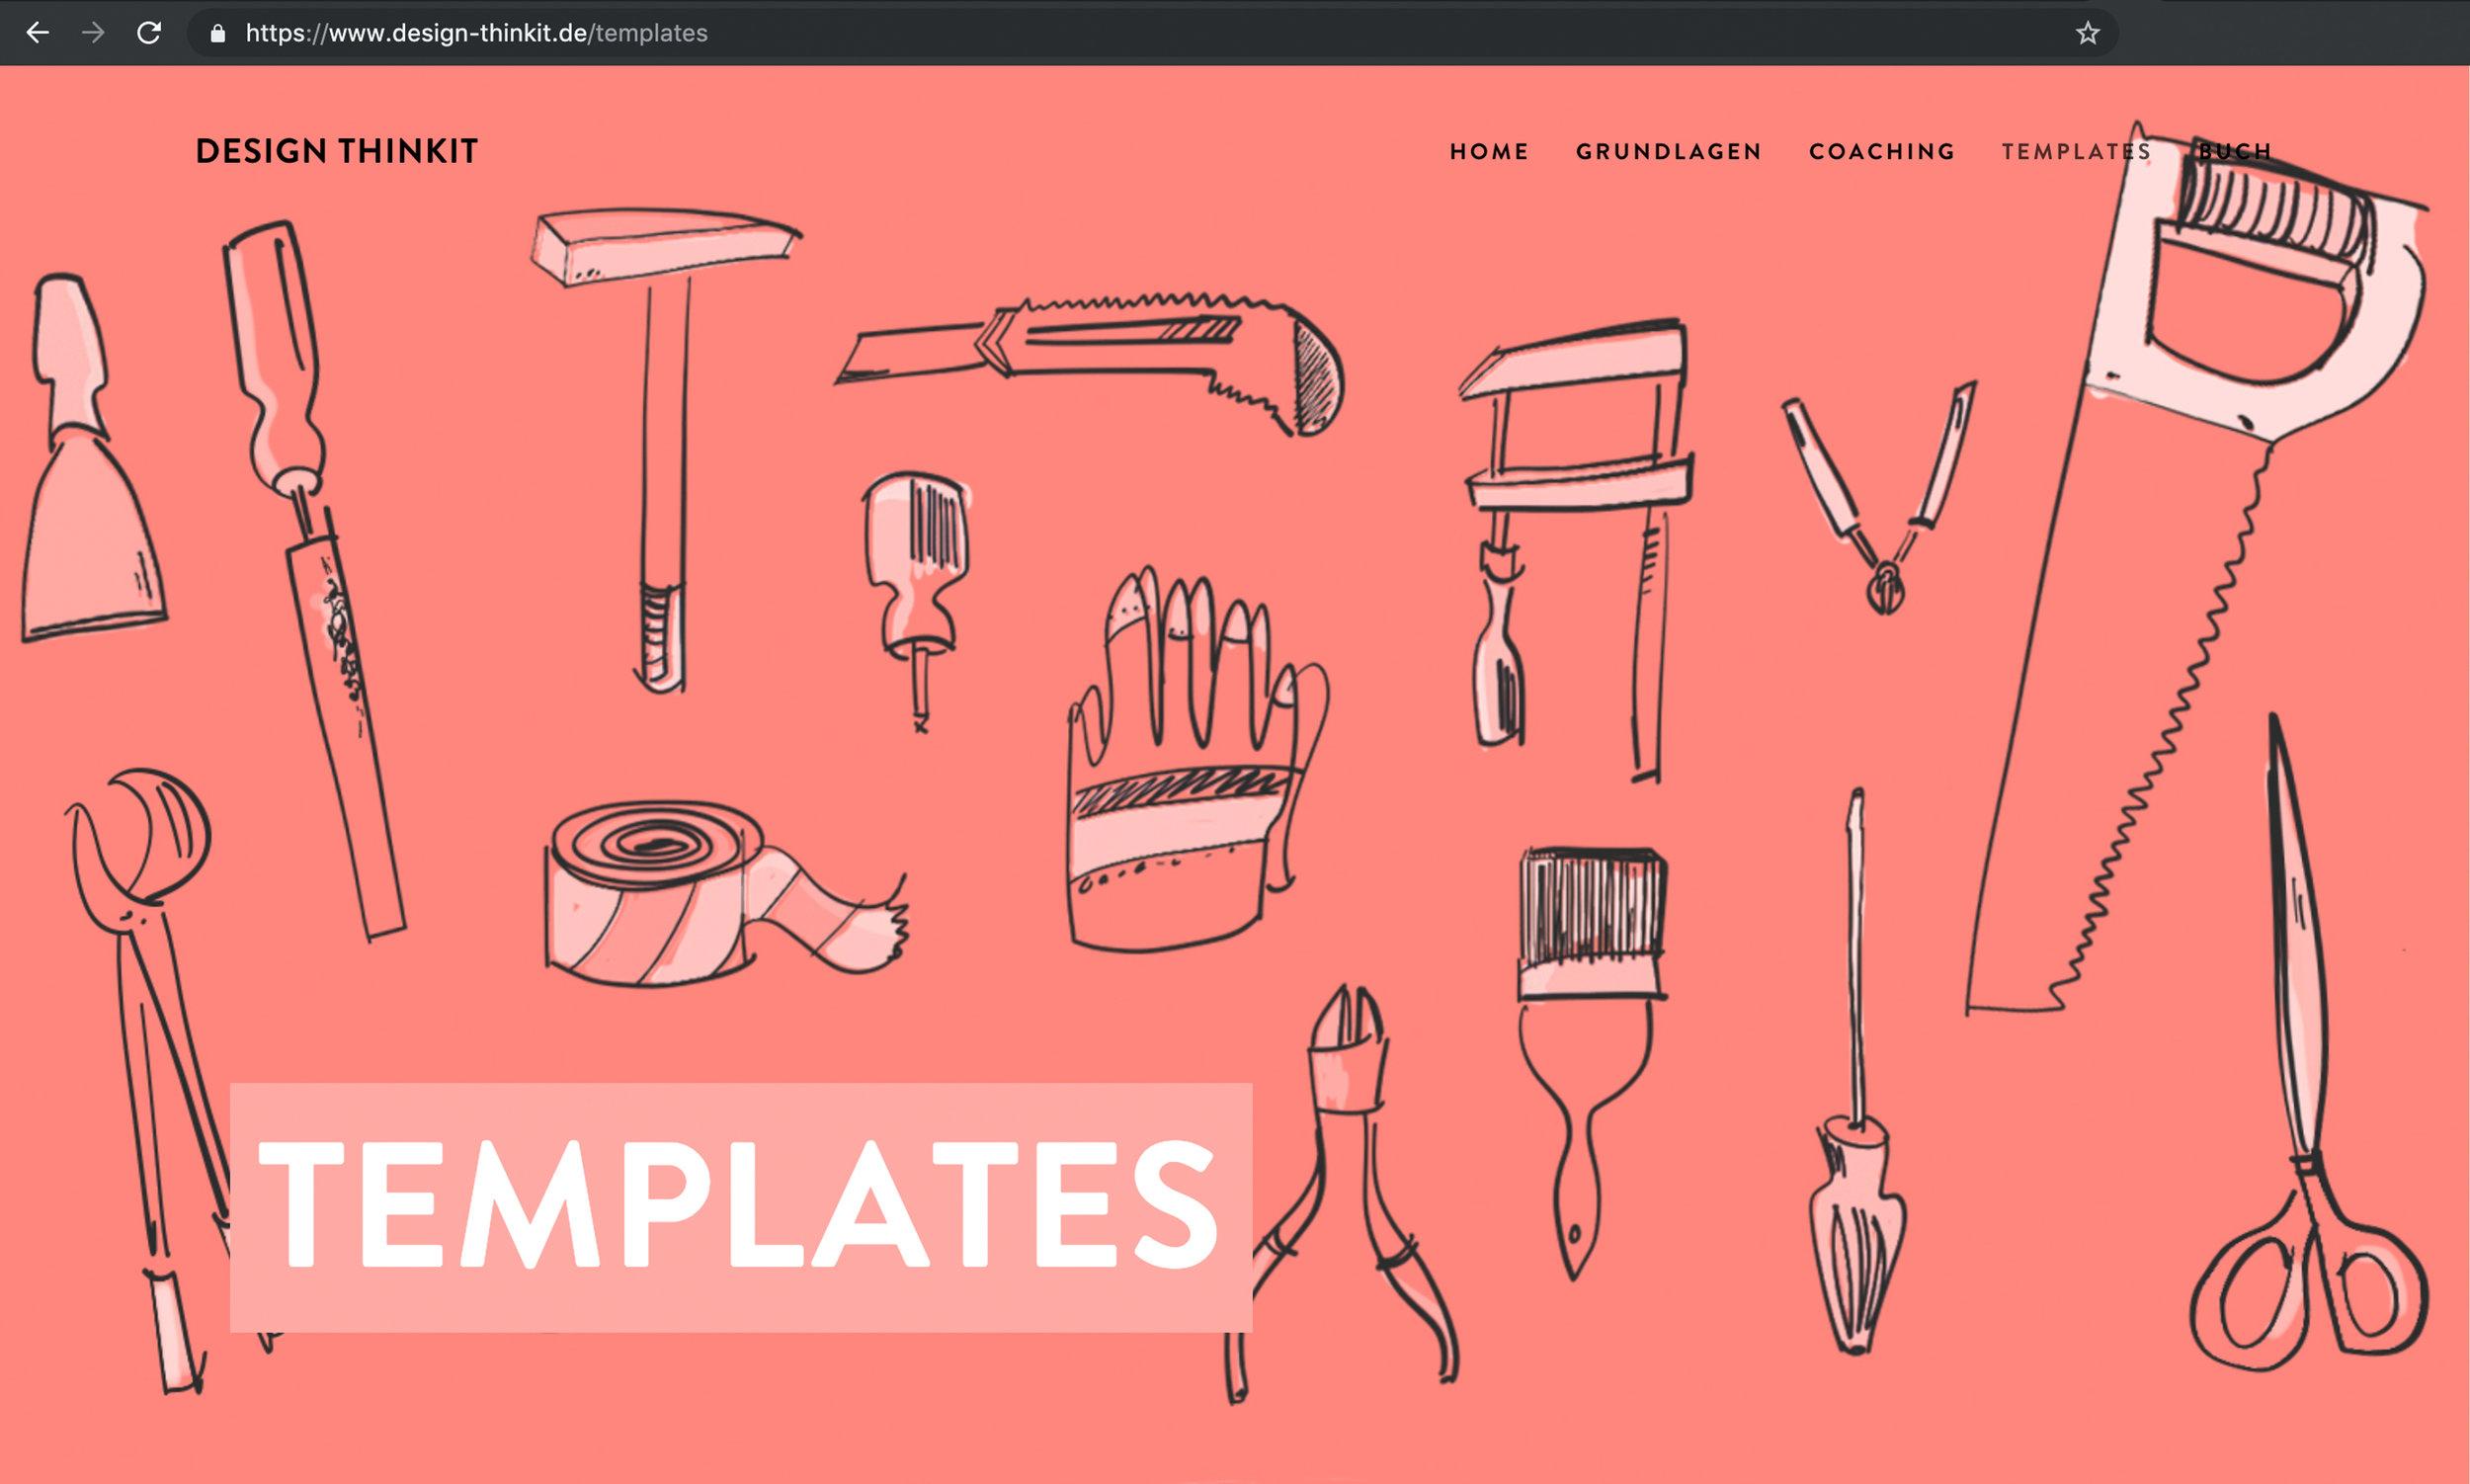 Unterseite Templates mit allen Methoden für Design Thinking Workshops auf Design-Thinkit.de